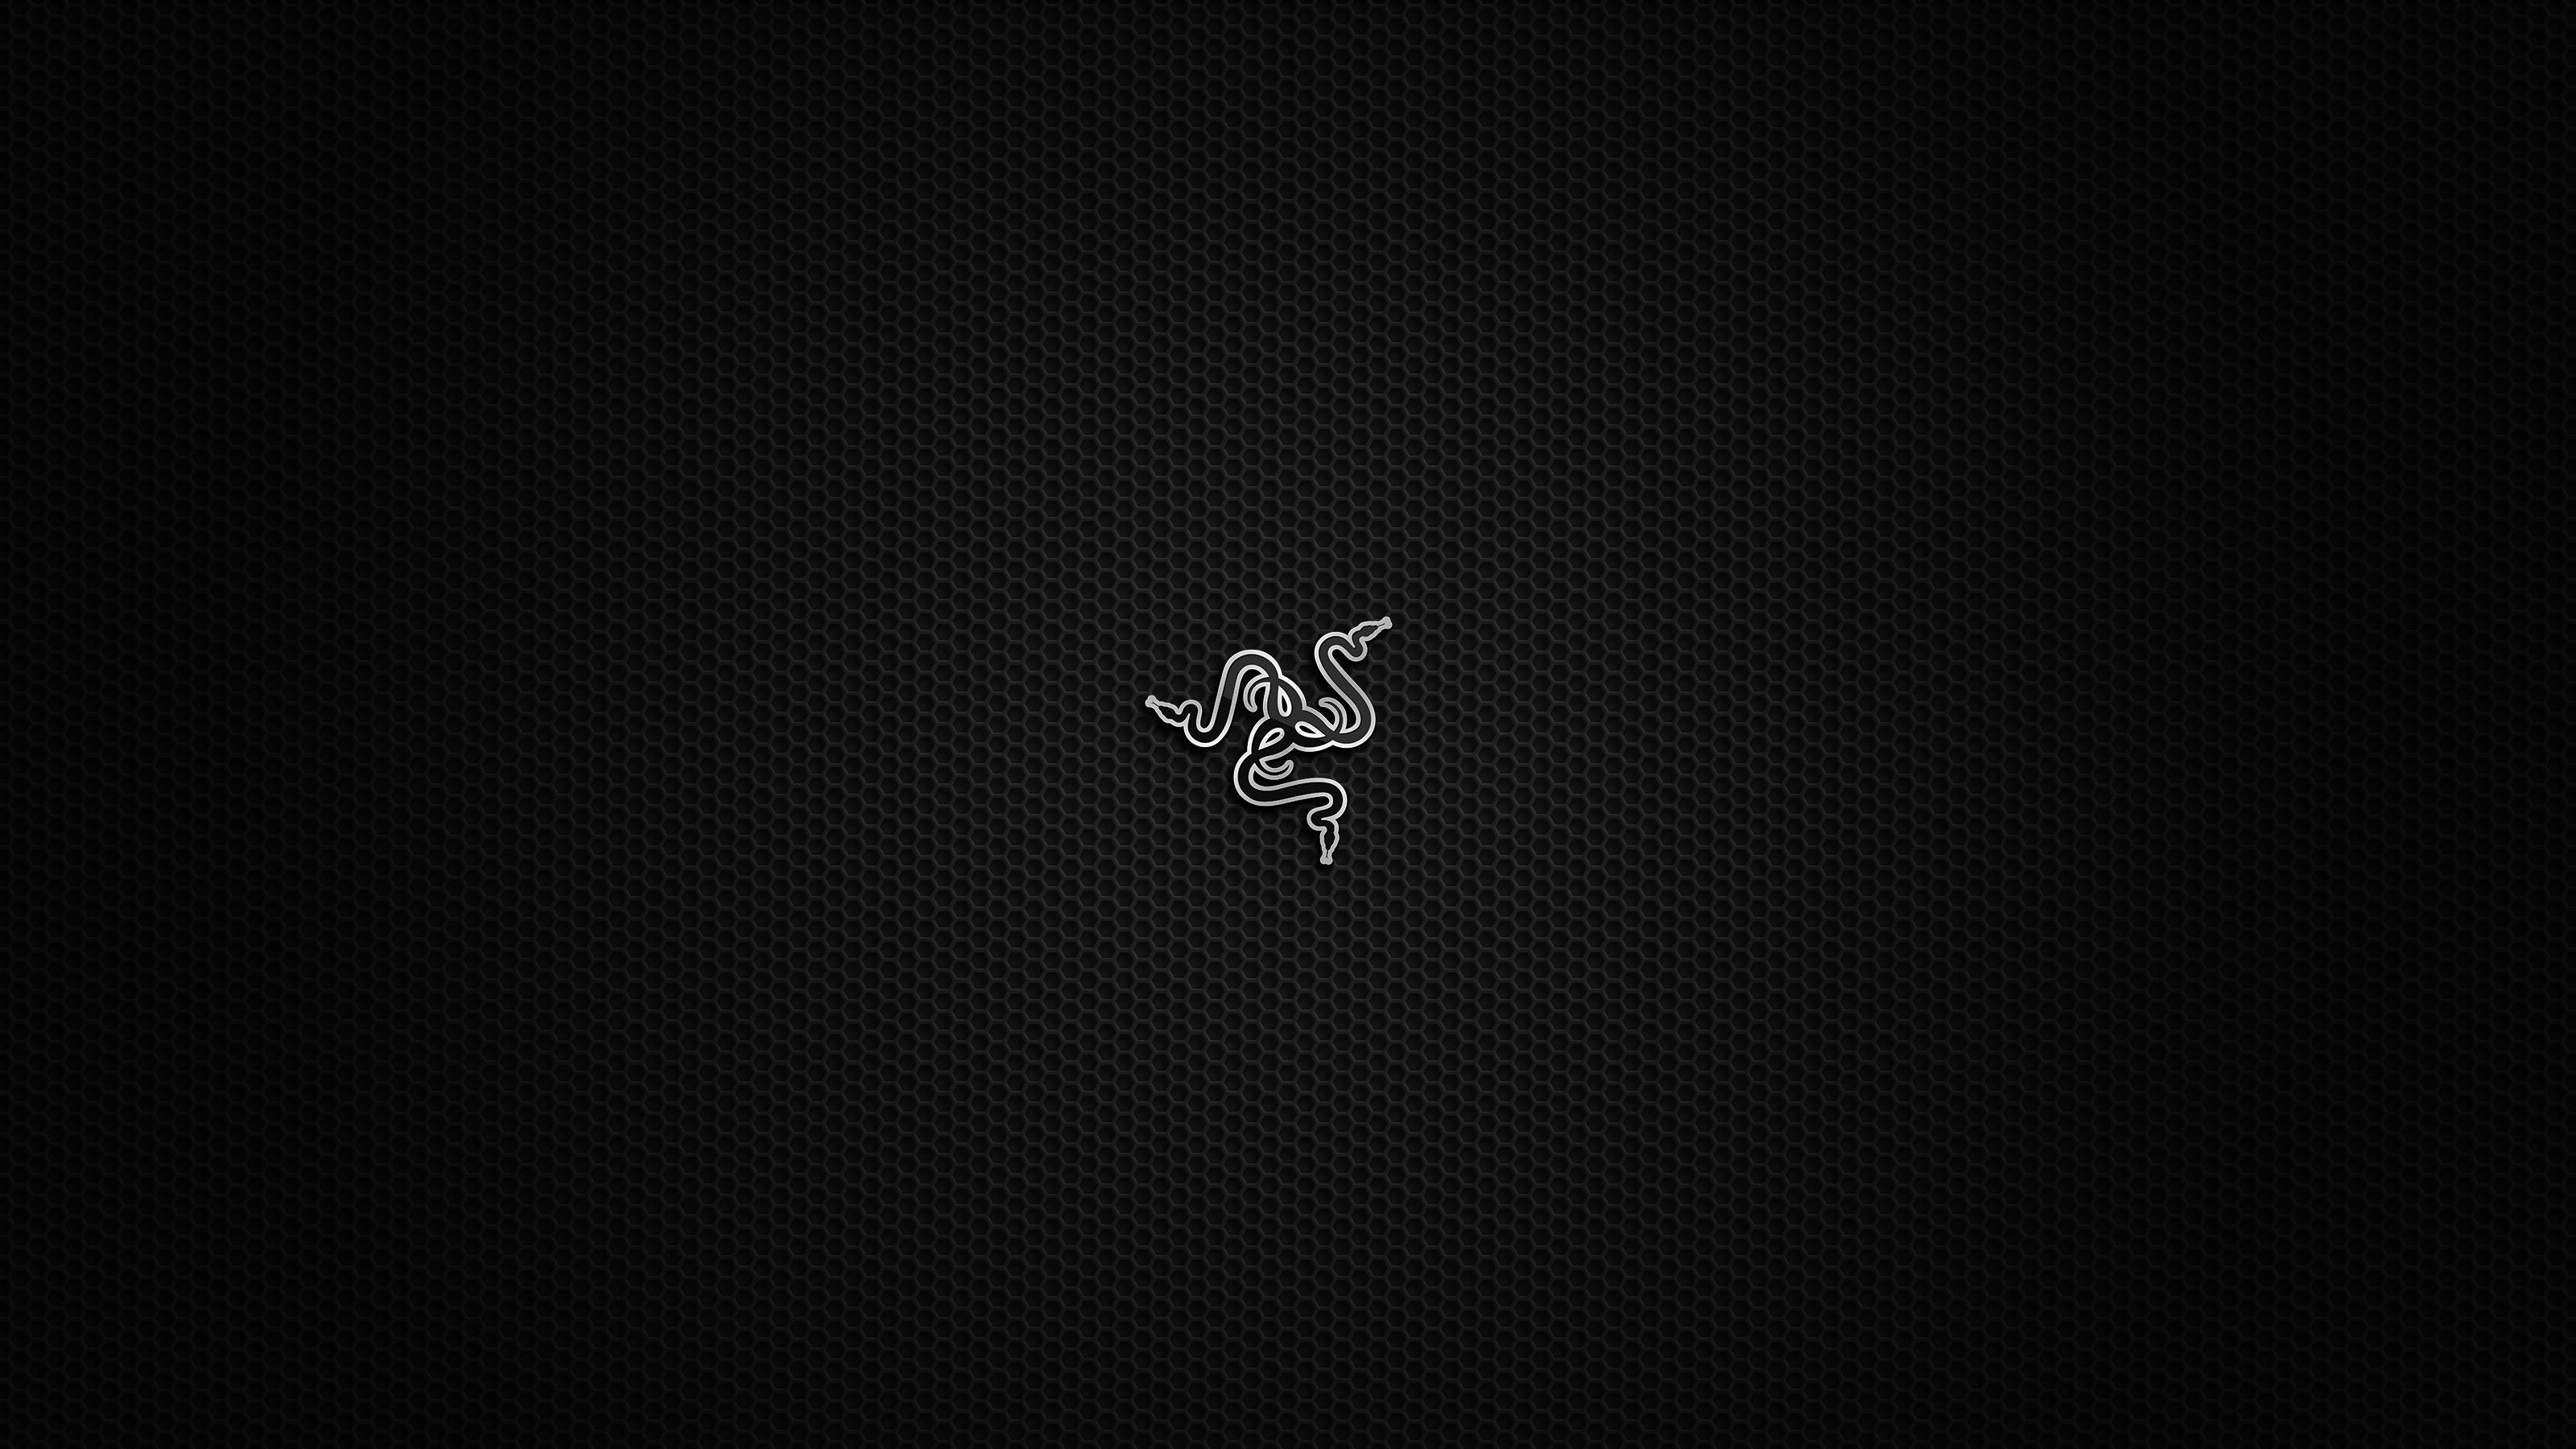 Best 33 Razer Blade Background on HipWallpaper Keyblade 3200x1800